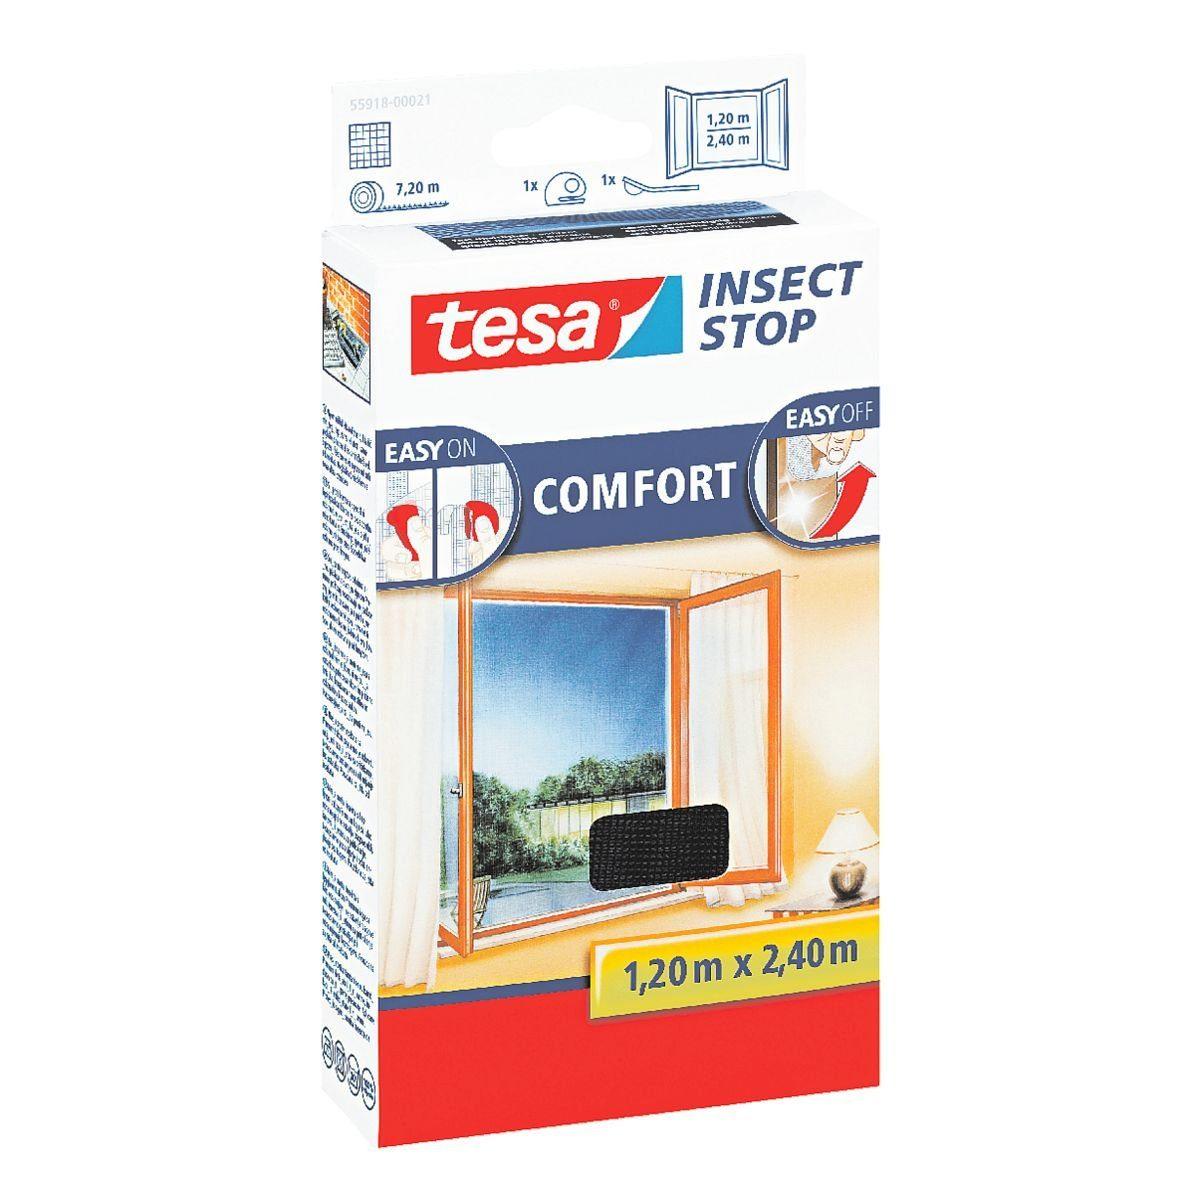 Tesa Fliegengitter 55918 für bodentiefe Fenster »Insect Stop COMFORT«